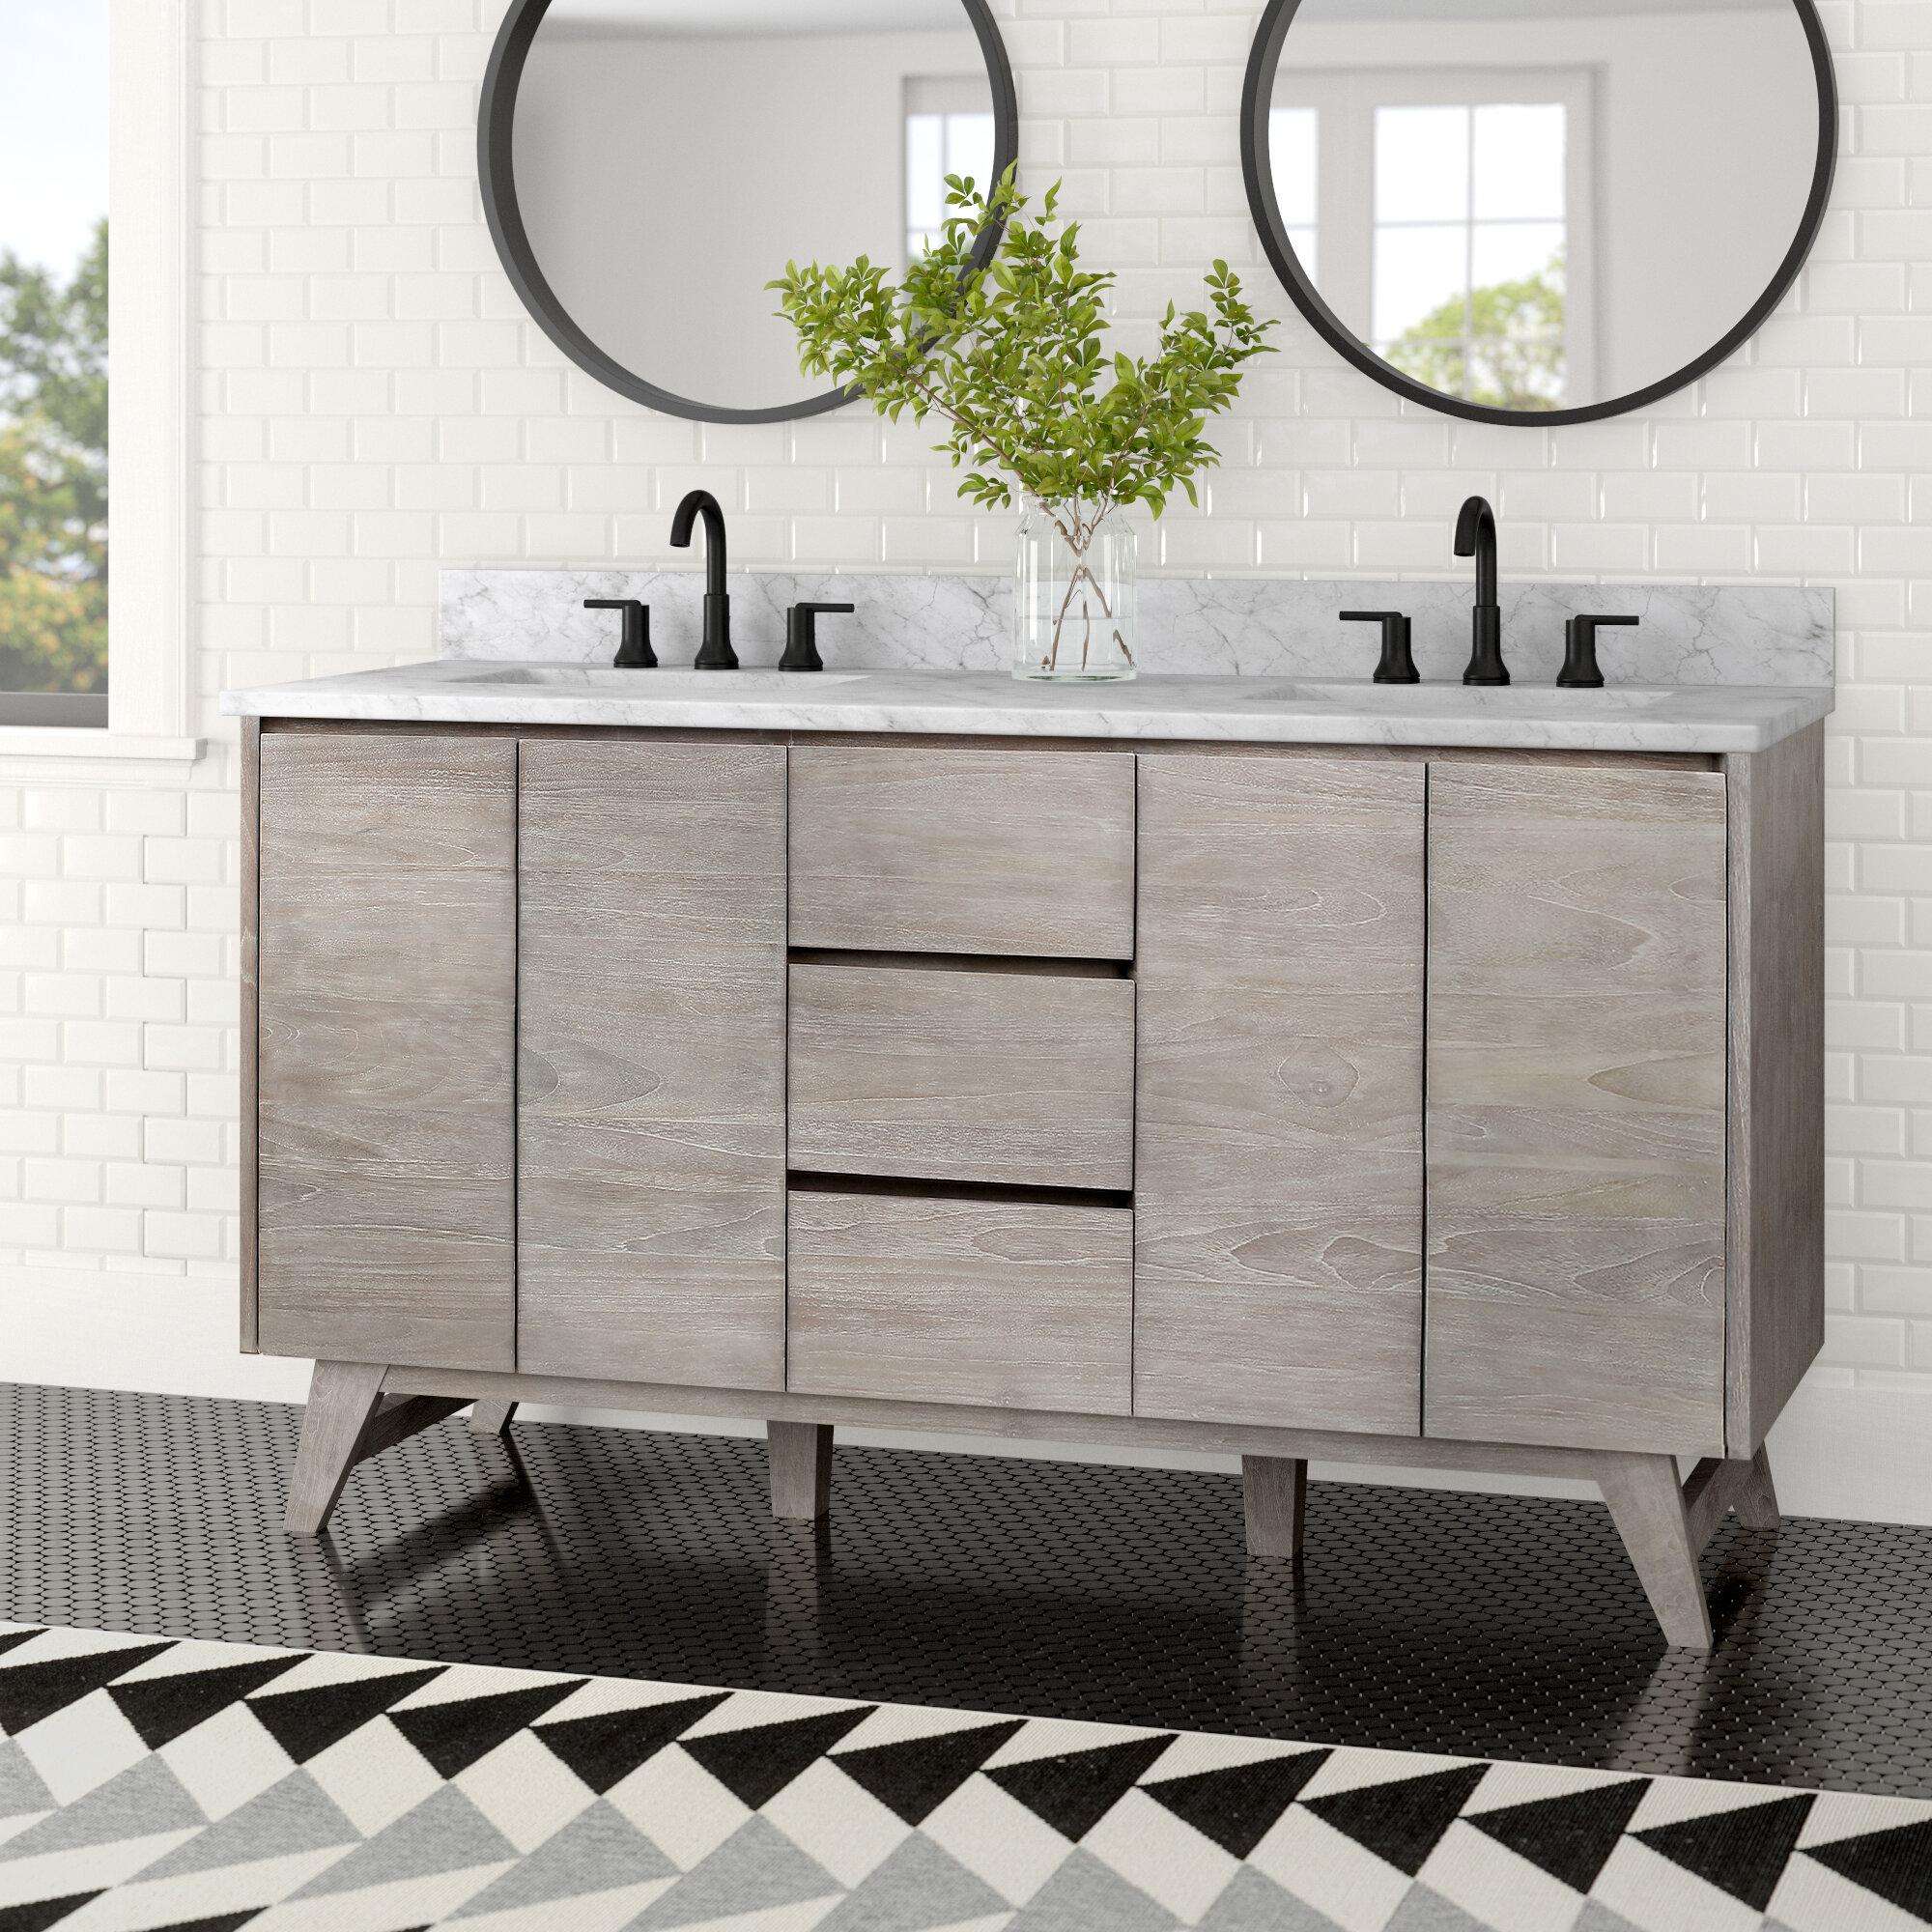 Jaylyn 61 Double Bathroom Vanity Reviews Allmodern